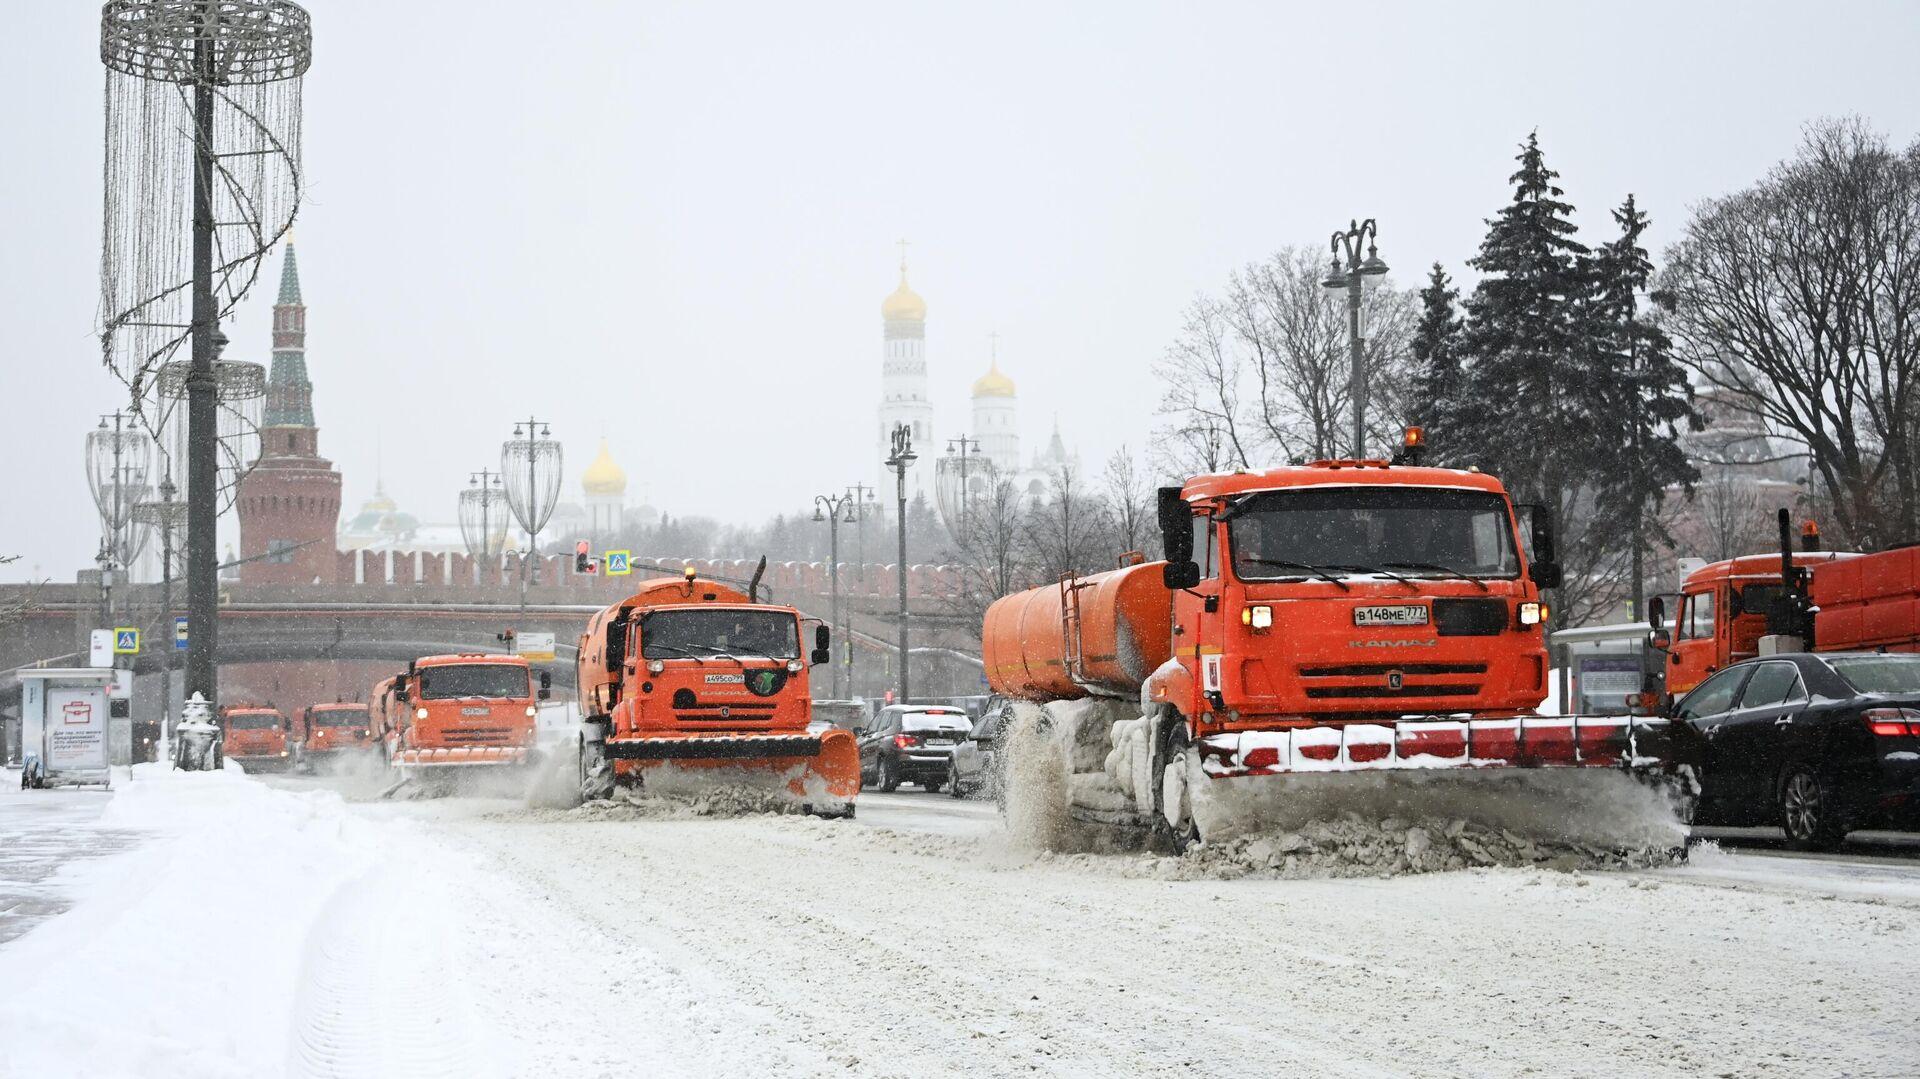 Снегоуборочные машины чистят автомобильную дорогу на Москворецкой набережной в Москве - РИА Новости, 1920, 12.02.2021